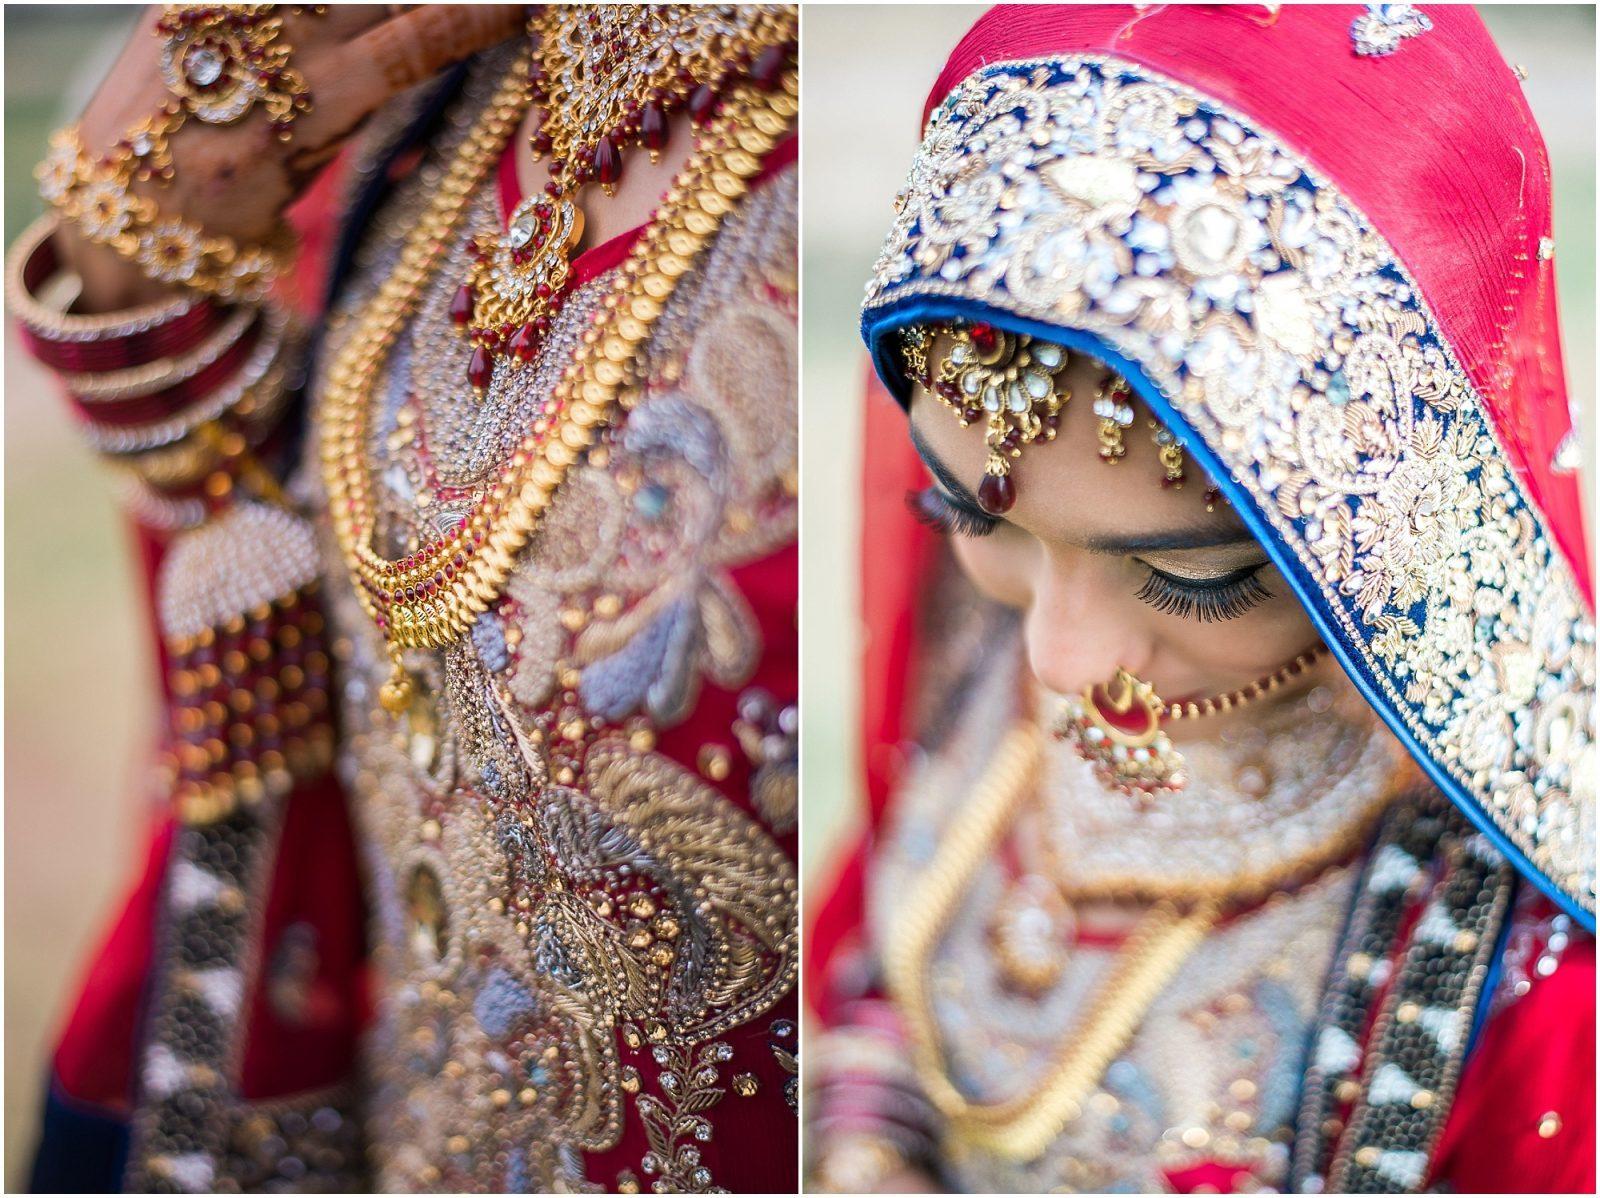 South Asian Wedding Toronto Photography - Mehndi, Nikah, walima, indian wedding, pakistani wedding. Sarah & Sajid - bridal makeup